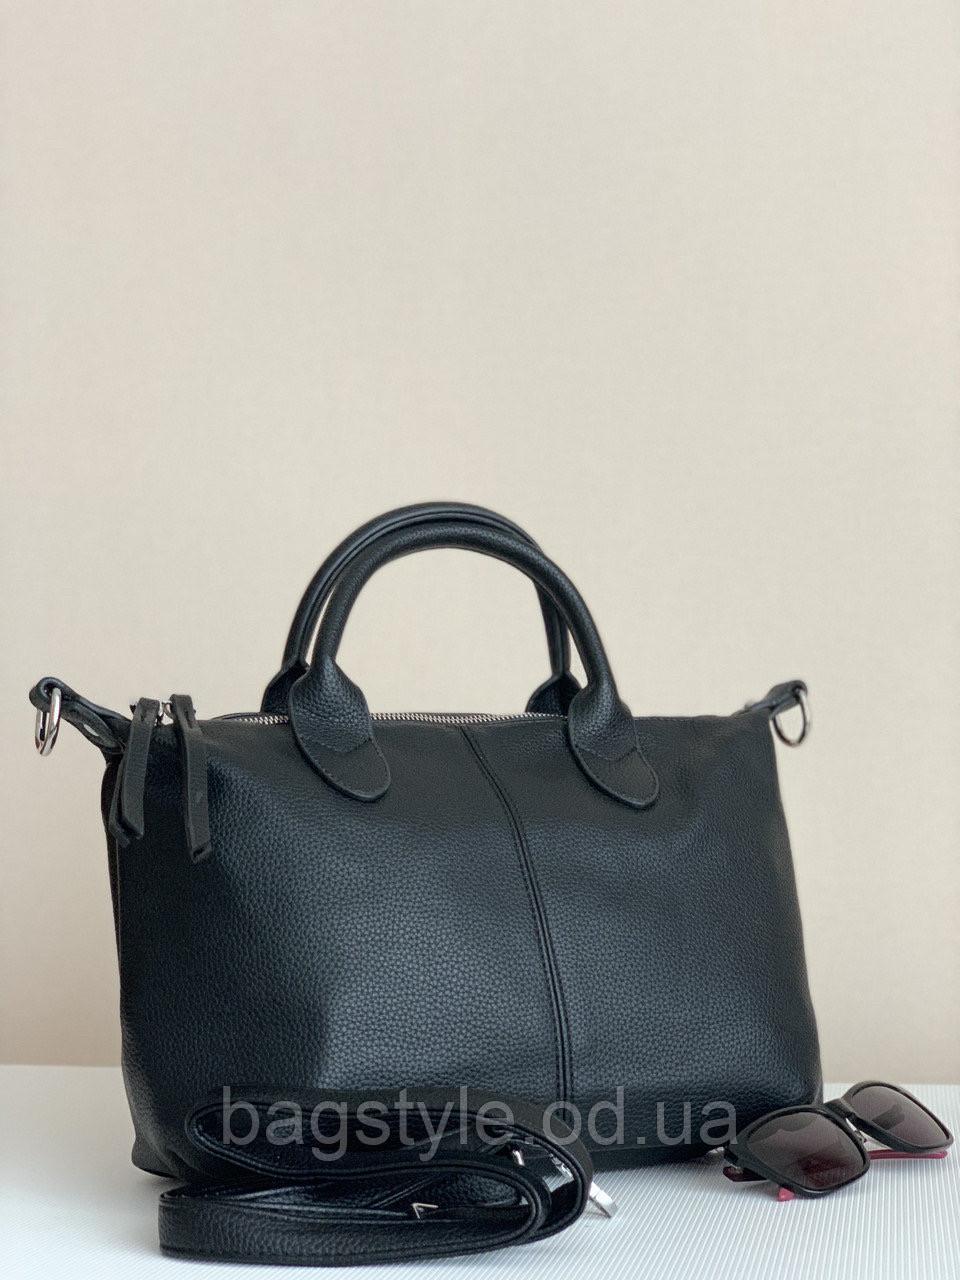 Жіноча чорна матова сумка повсякденна класична